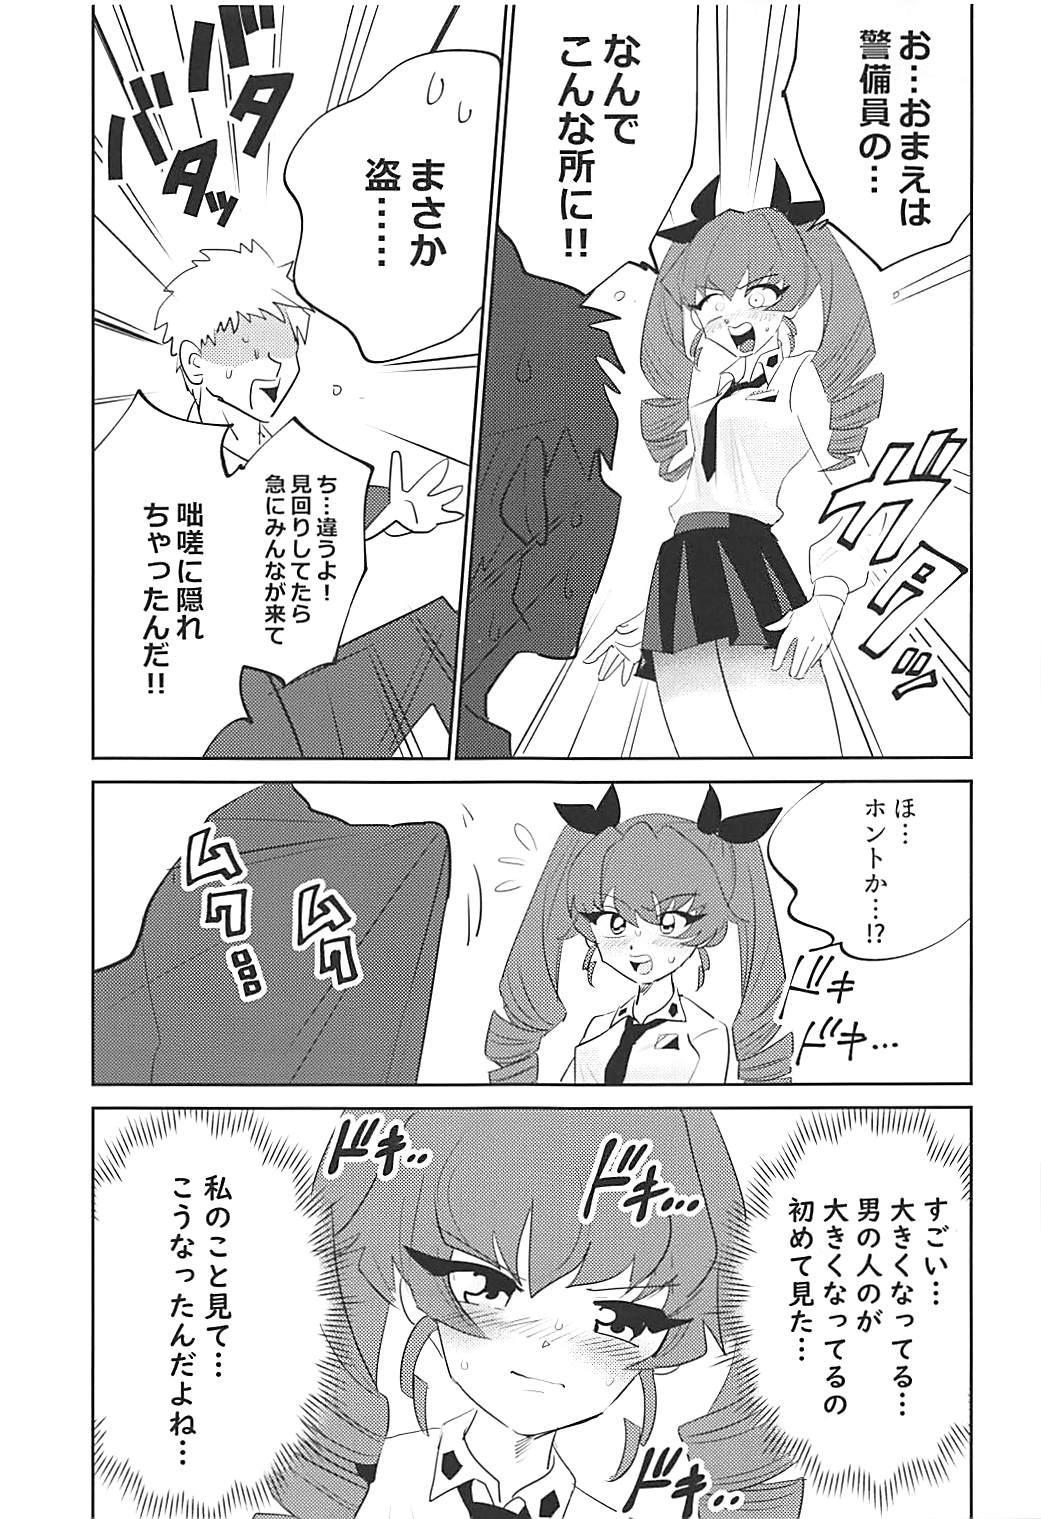 Koko ga Anzio no Kouishitsu desu 9